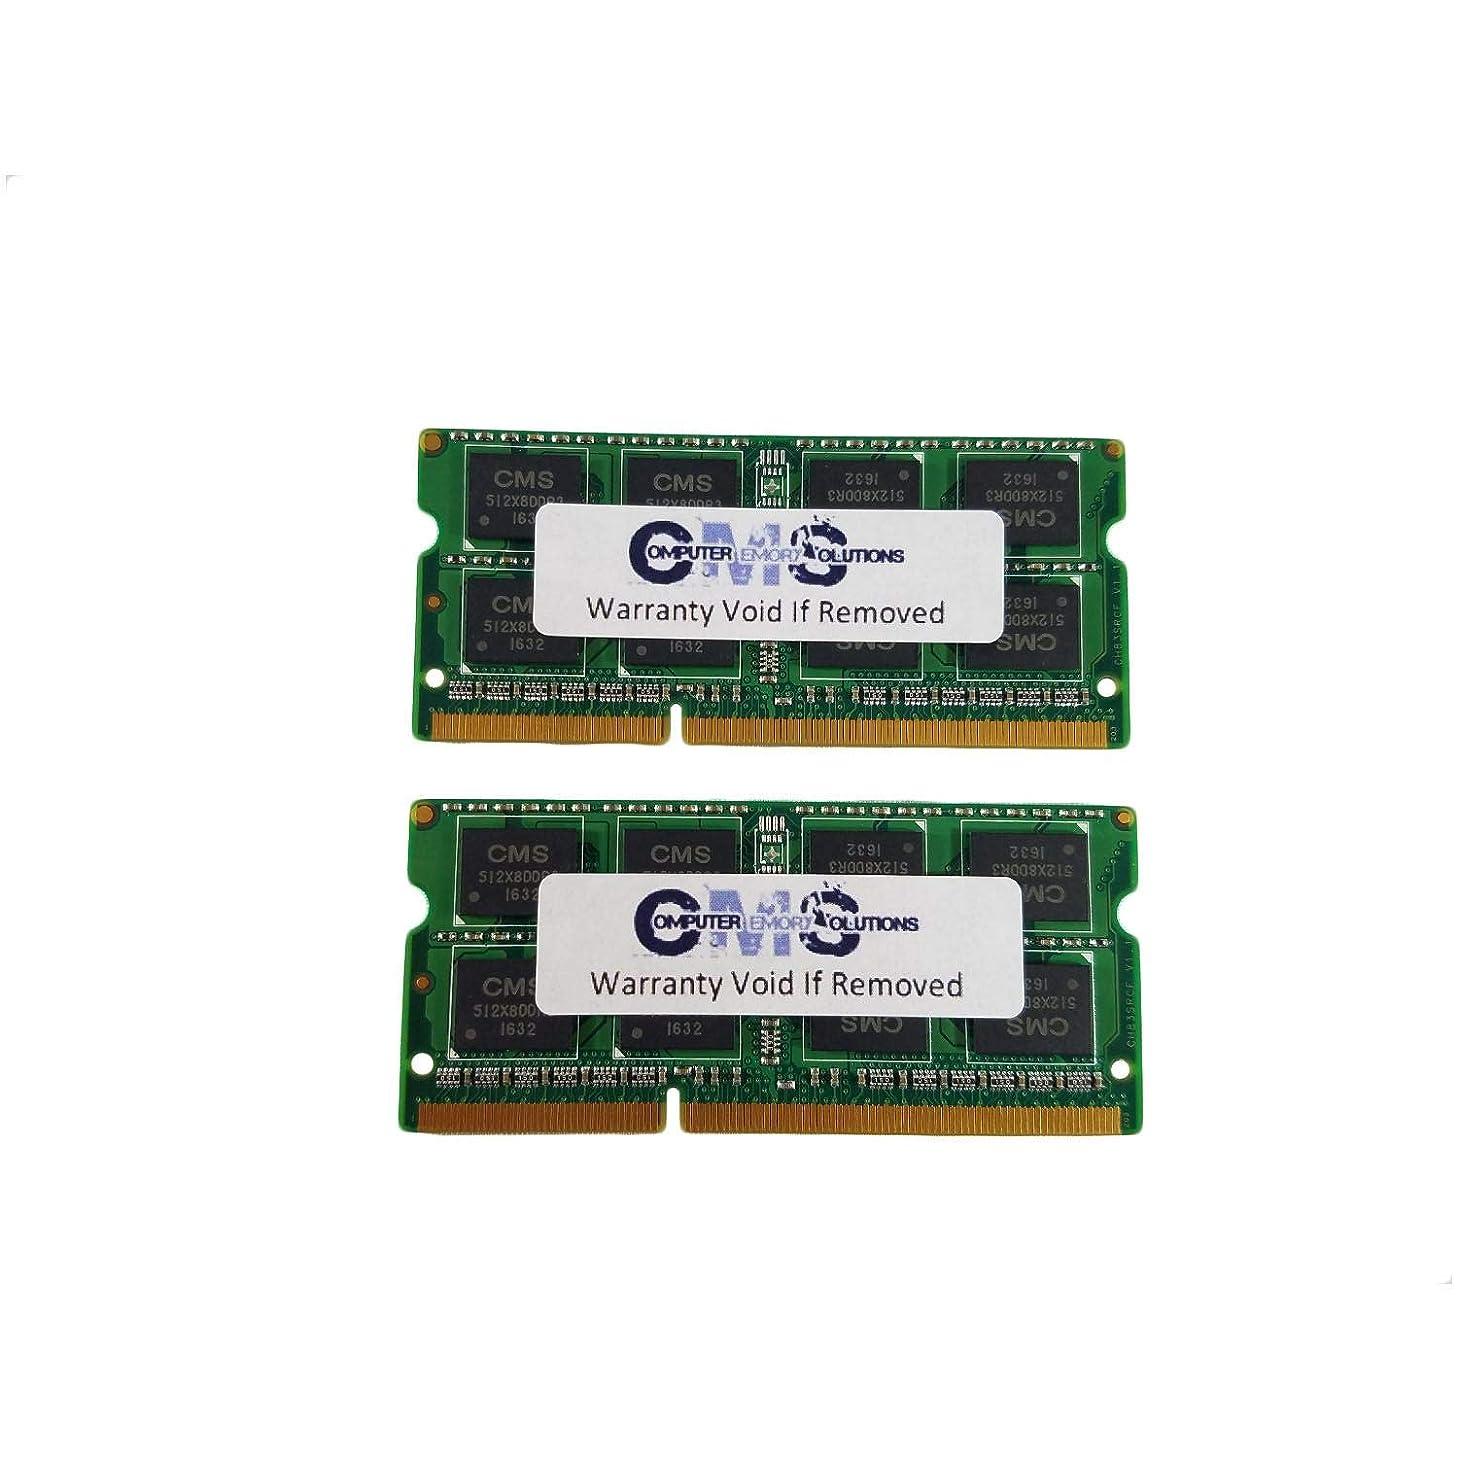 16Gb (2X8Gb) Ram Memory Compatible with Hp Pavilion Dv7-6178Us, Dv7-6B32Us, Dv7-6B37Ez A7